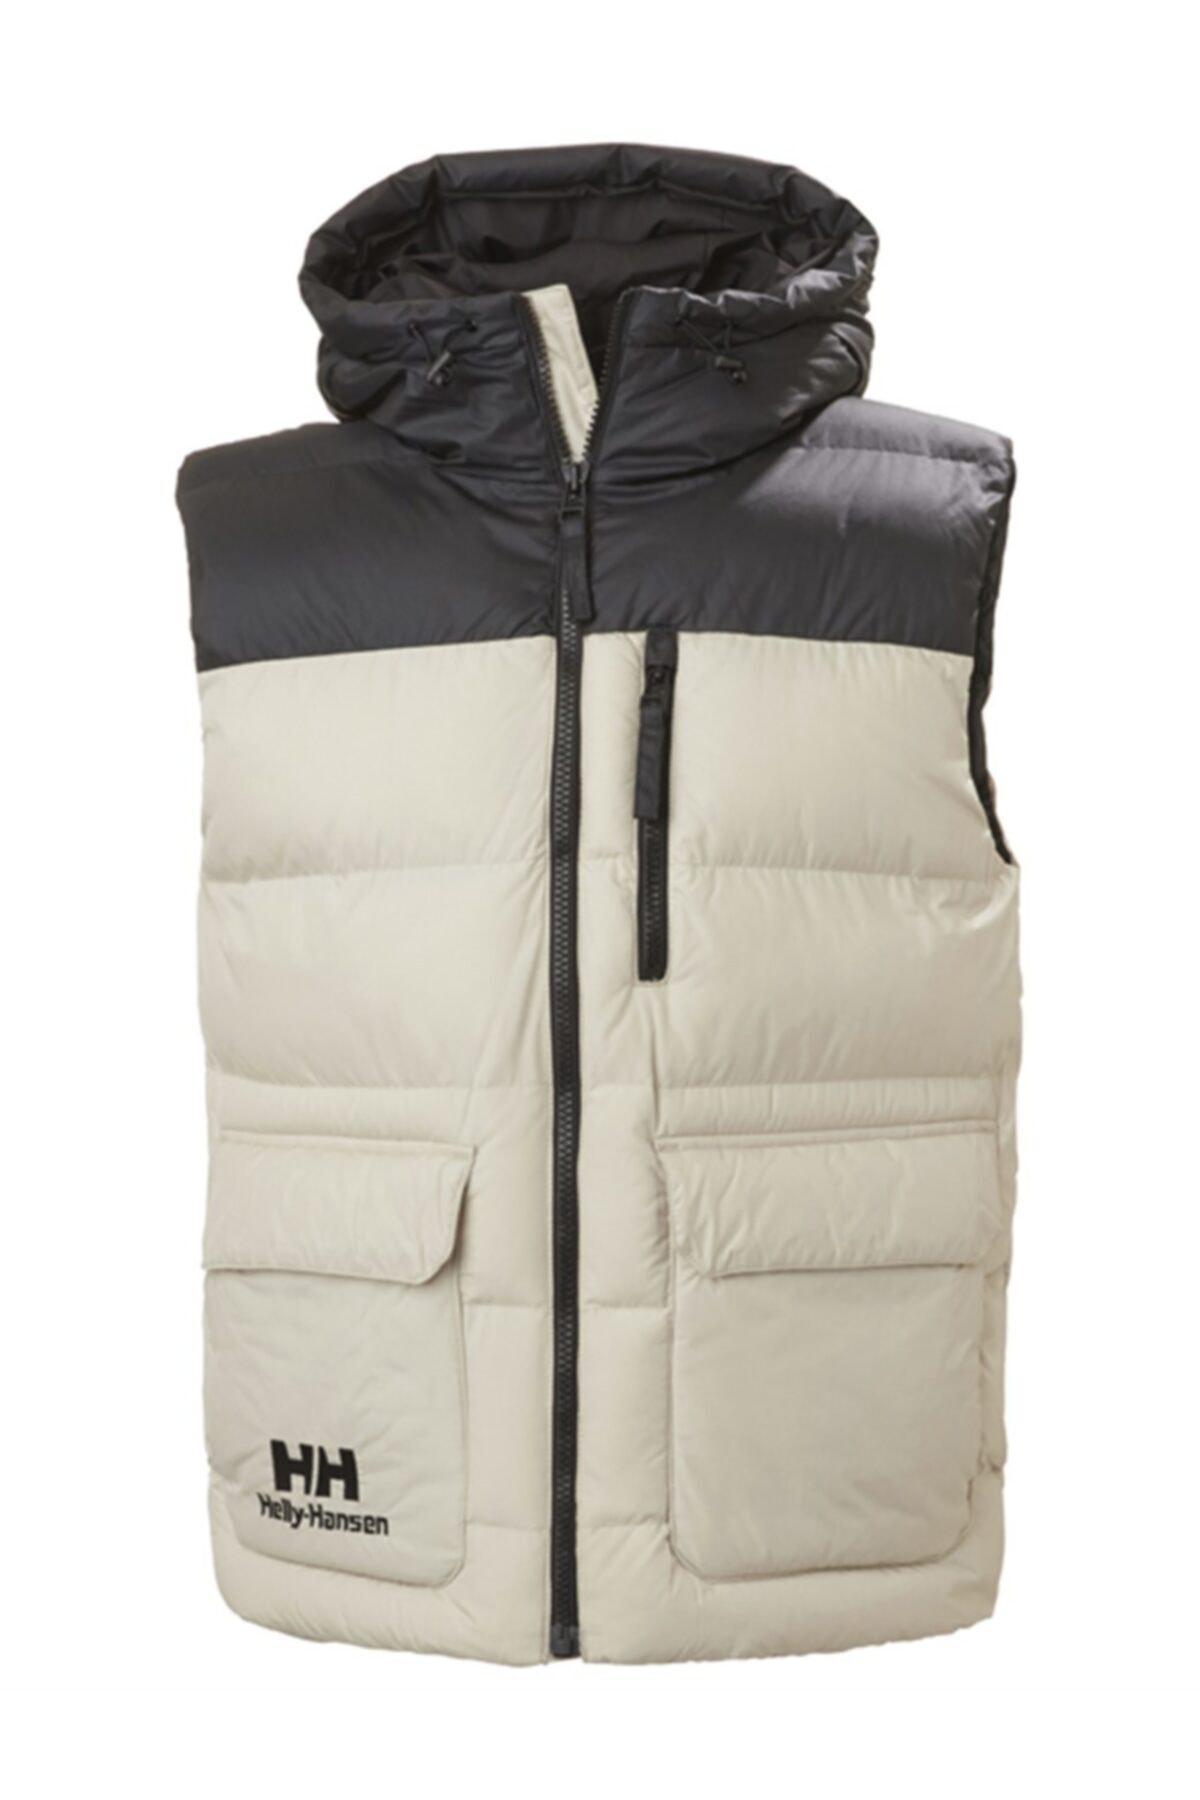 Helly Hansen Hh Yu Puffy Vest 1